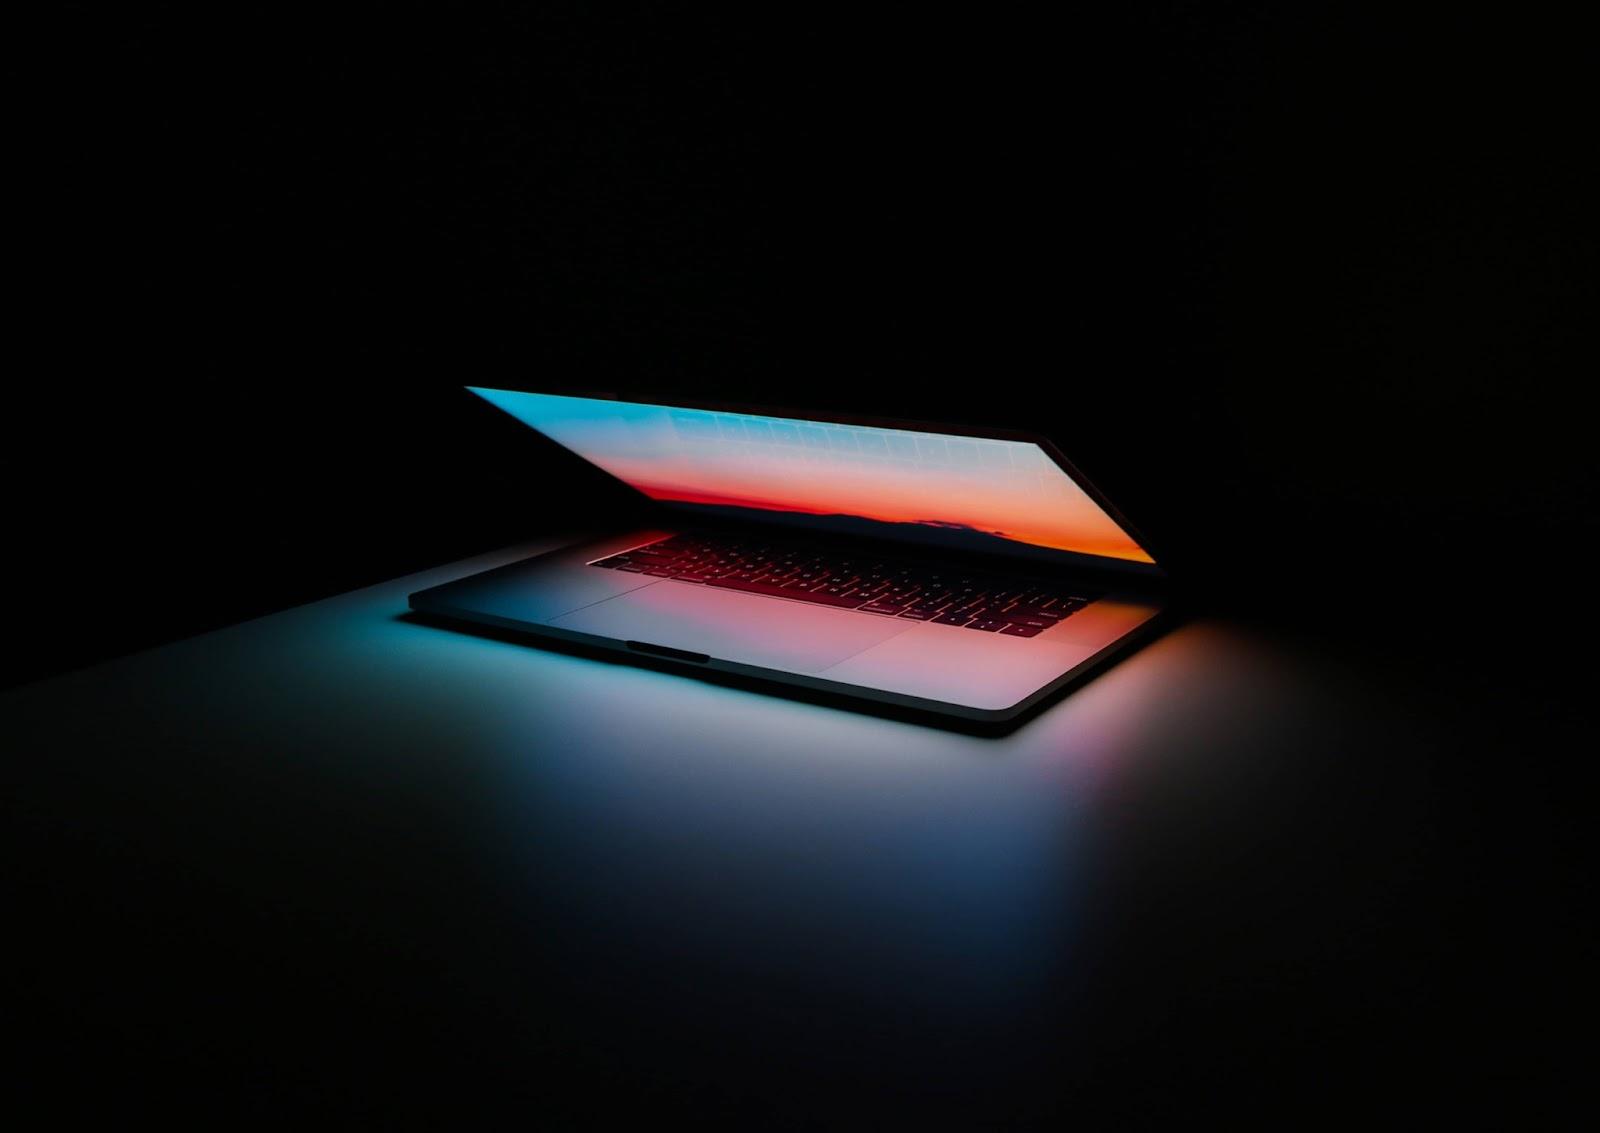 Foto di un computer grigio in accensione appoggiato su una superficie nera